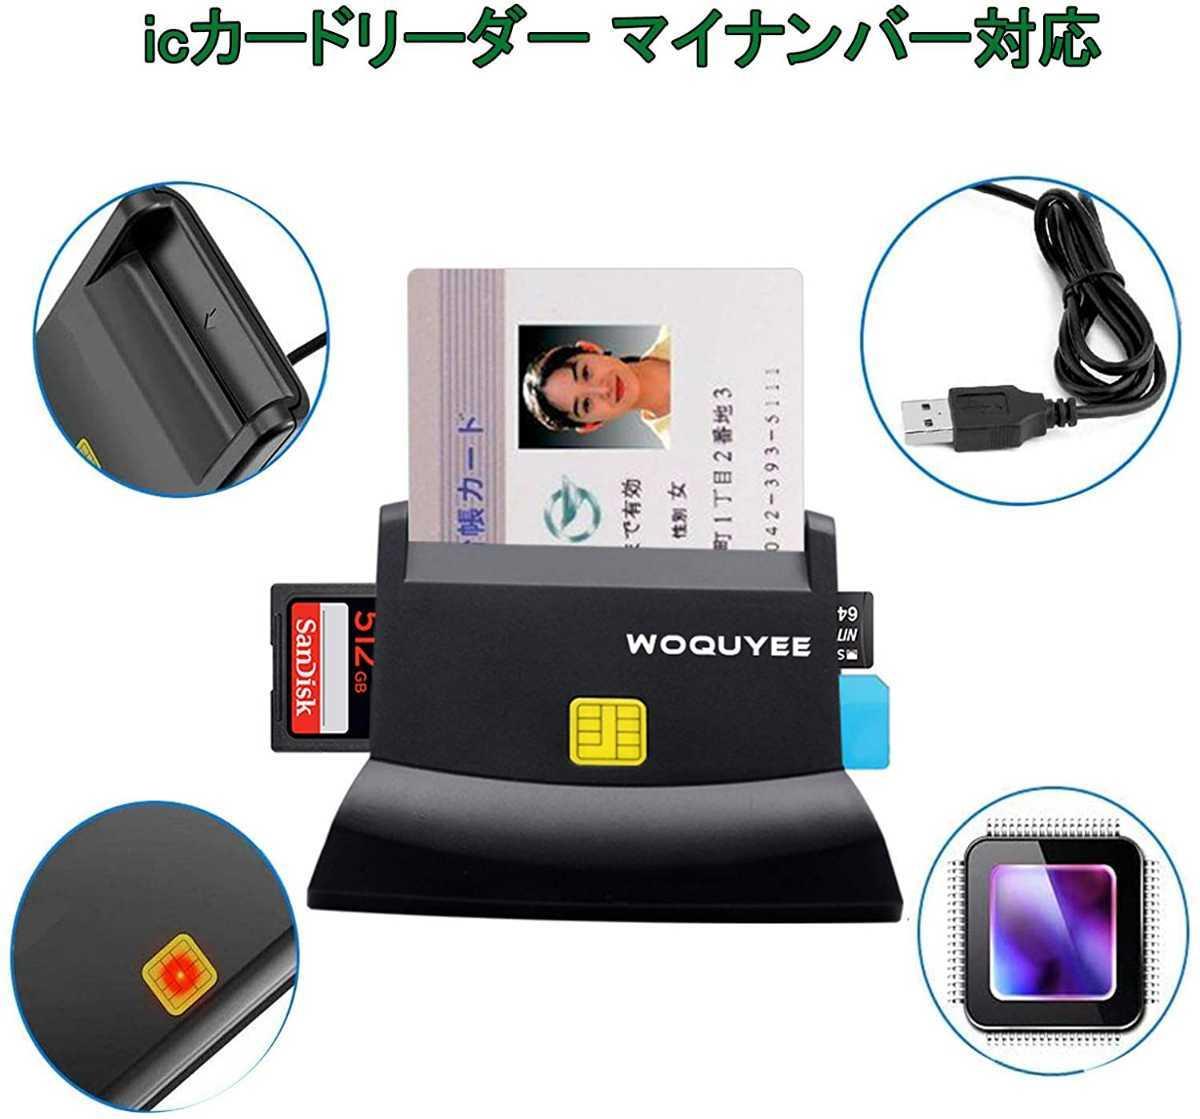 新品☆2020最新版☆接触型ICカードリーダーライタ 外付メモリ 多機能USBタイプ ライター高速データ転送 確定申告スマート マイナンバー